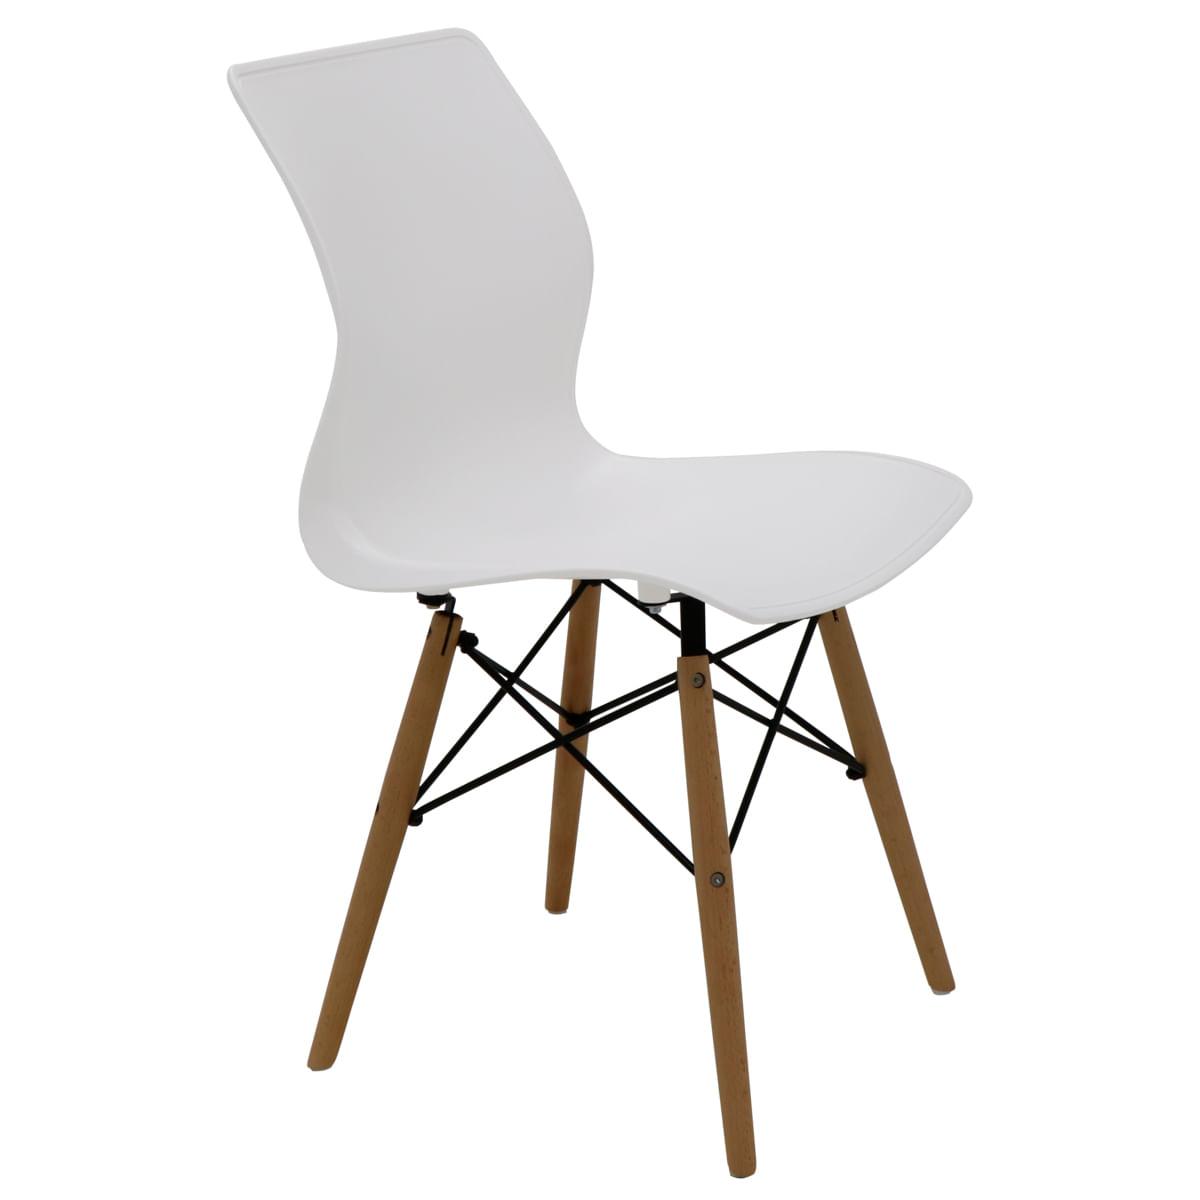 Cadeira Tramontina Maja Unicolor 3D em Polipropileno Branco com Base em Madeira Faia